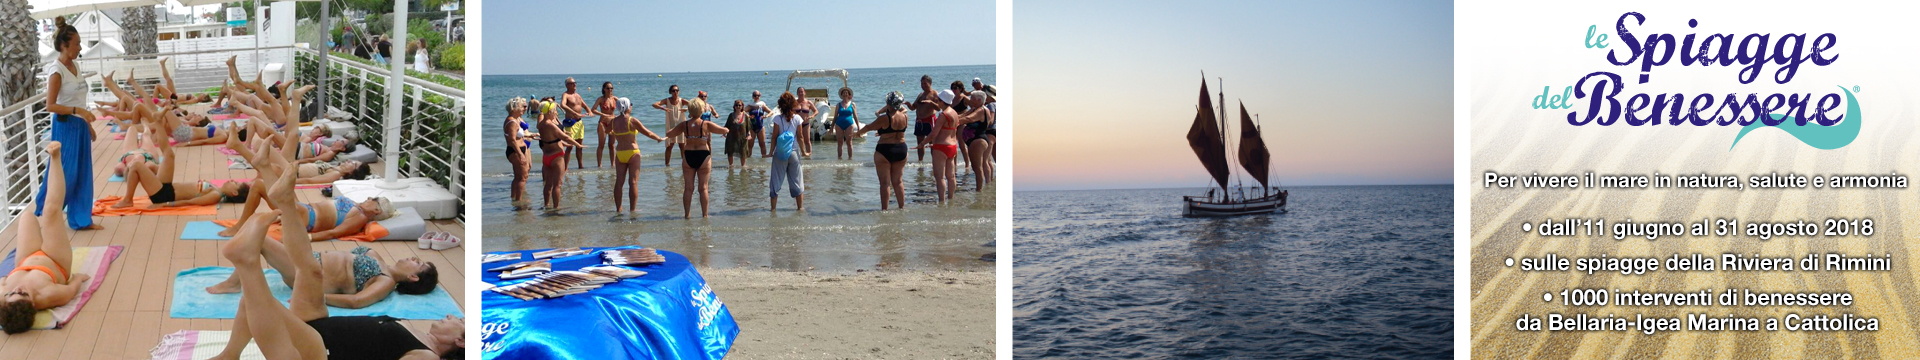 spiagge del benessere Rimini